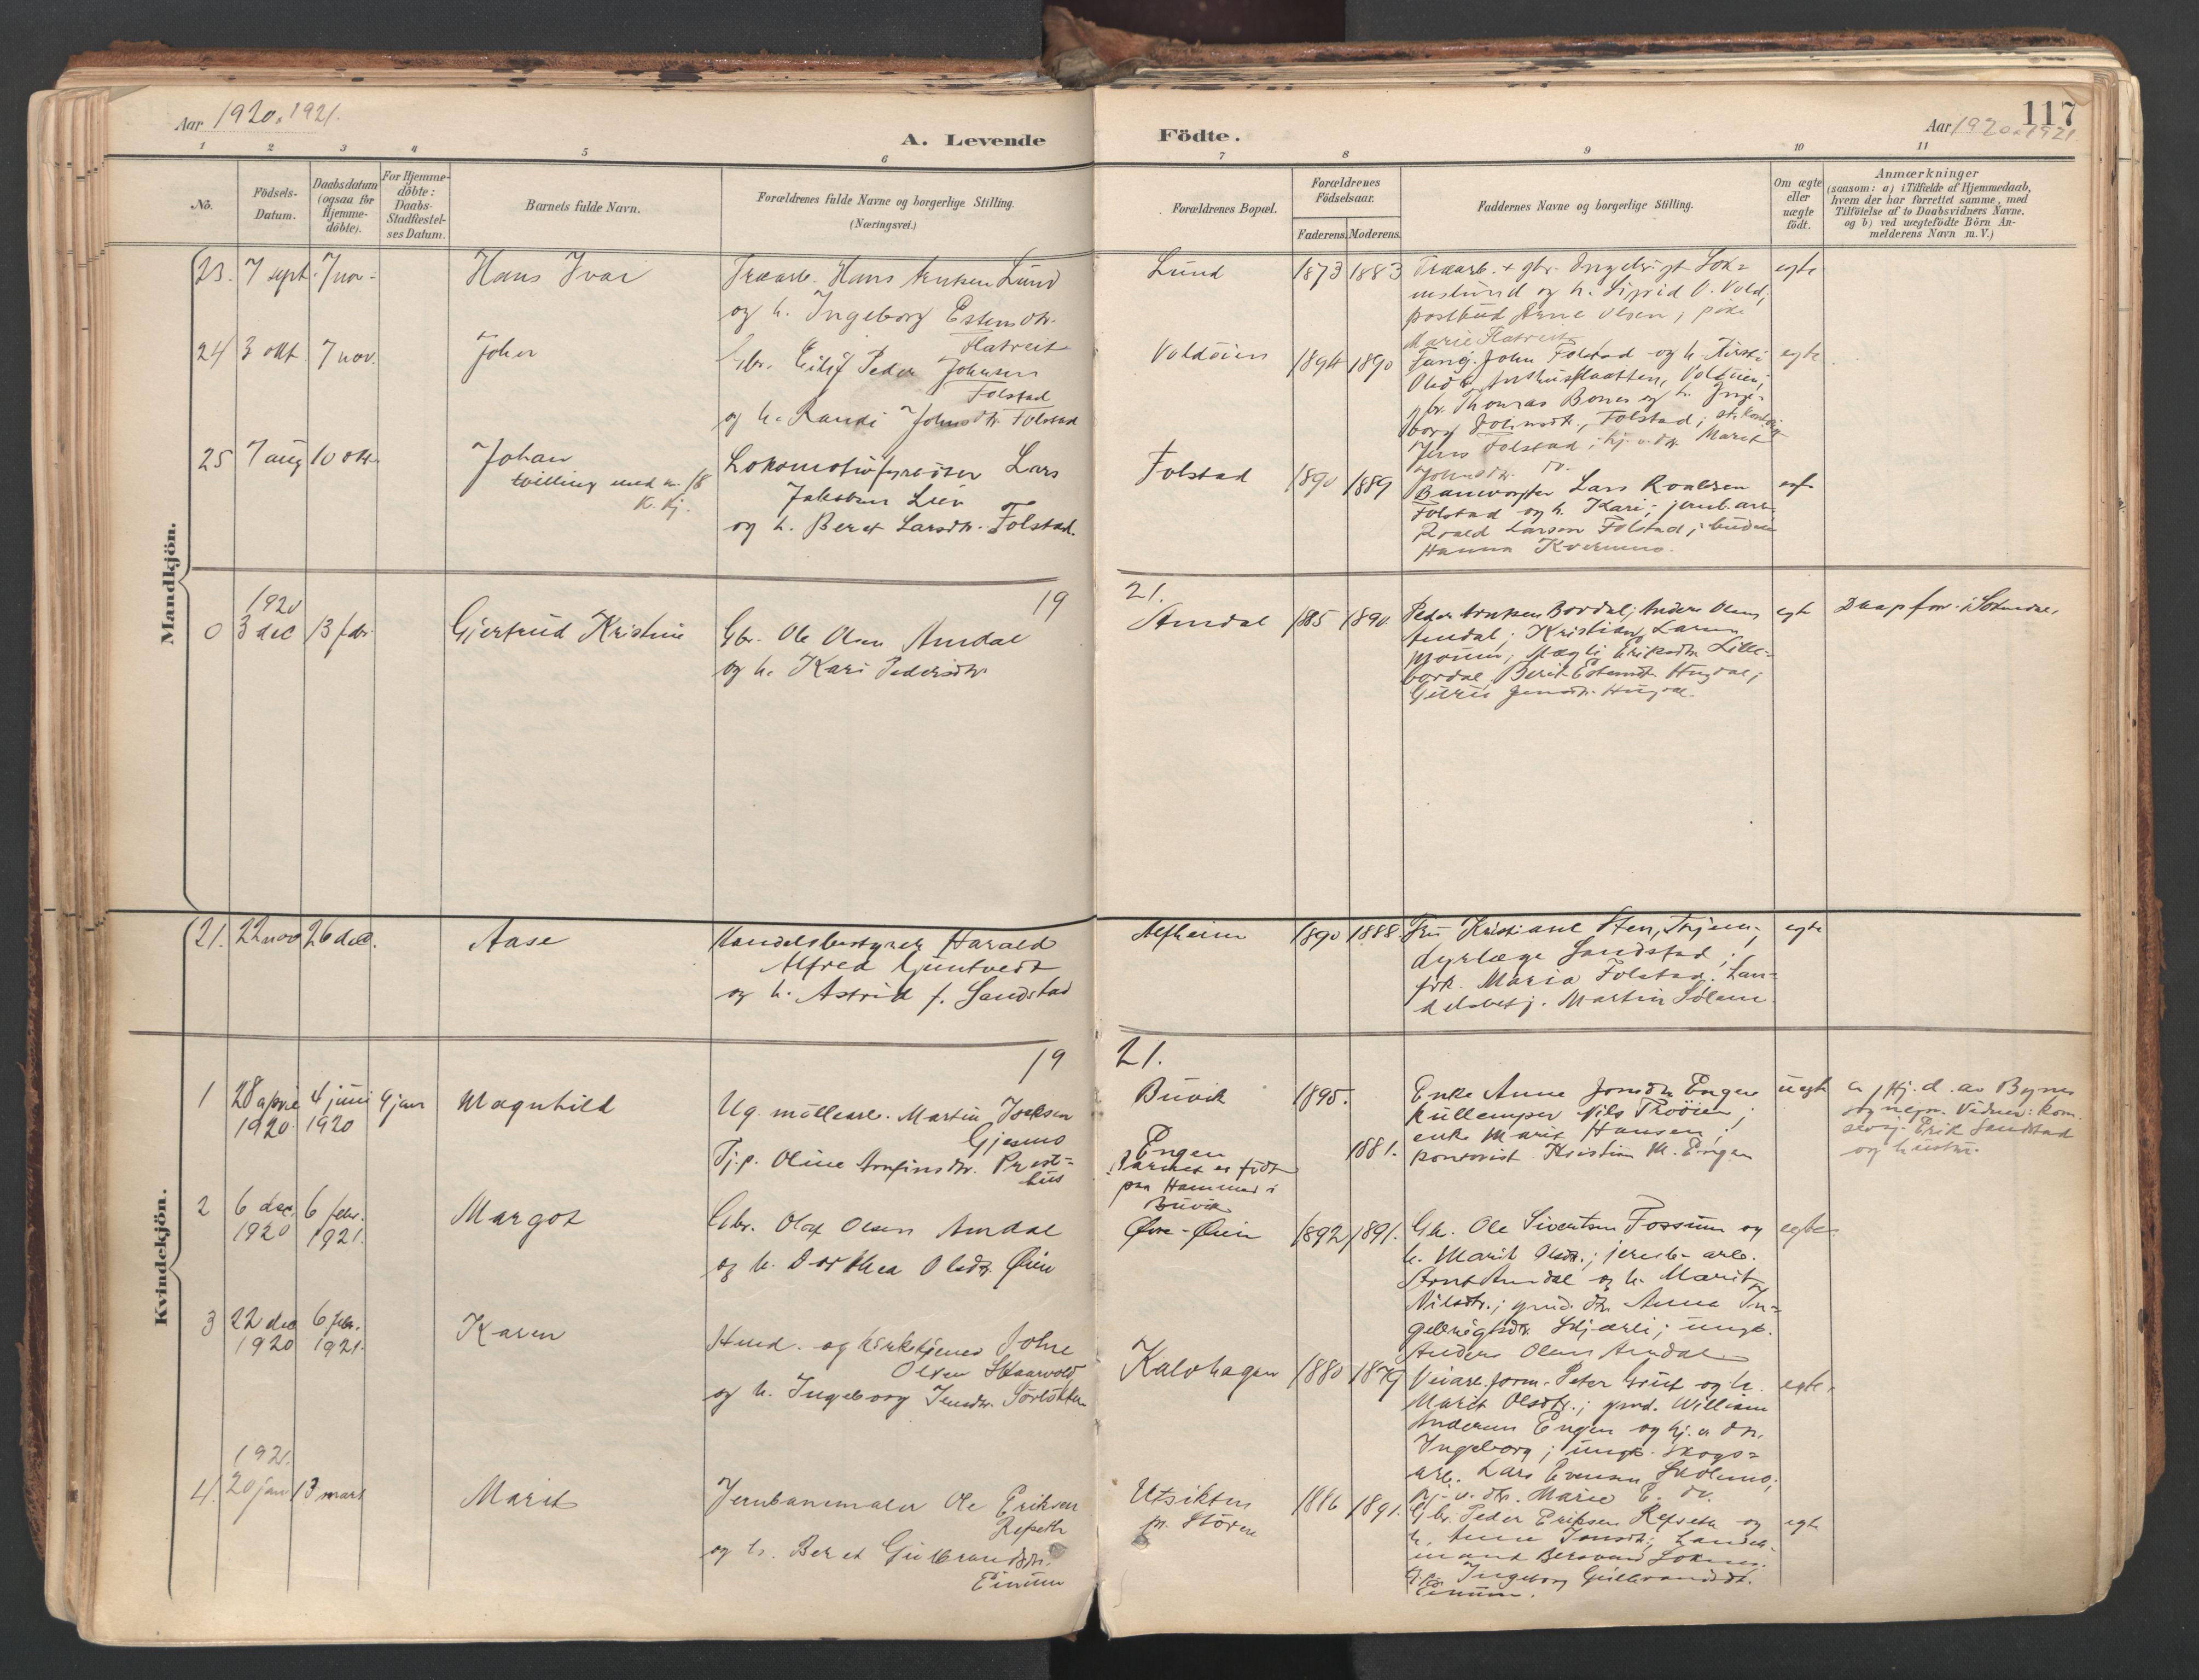 SAT, Ministerialprotokoller, klokkerbøker og fødselsregistre - Sør-Trøndelag, 687/L1004: Ministerialbok nr. 687A10, 1891-1923, s. 117